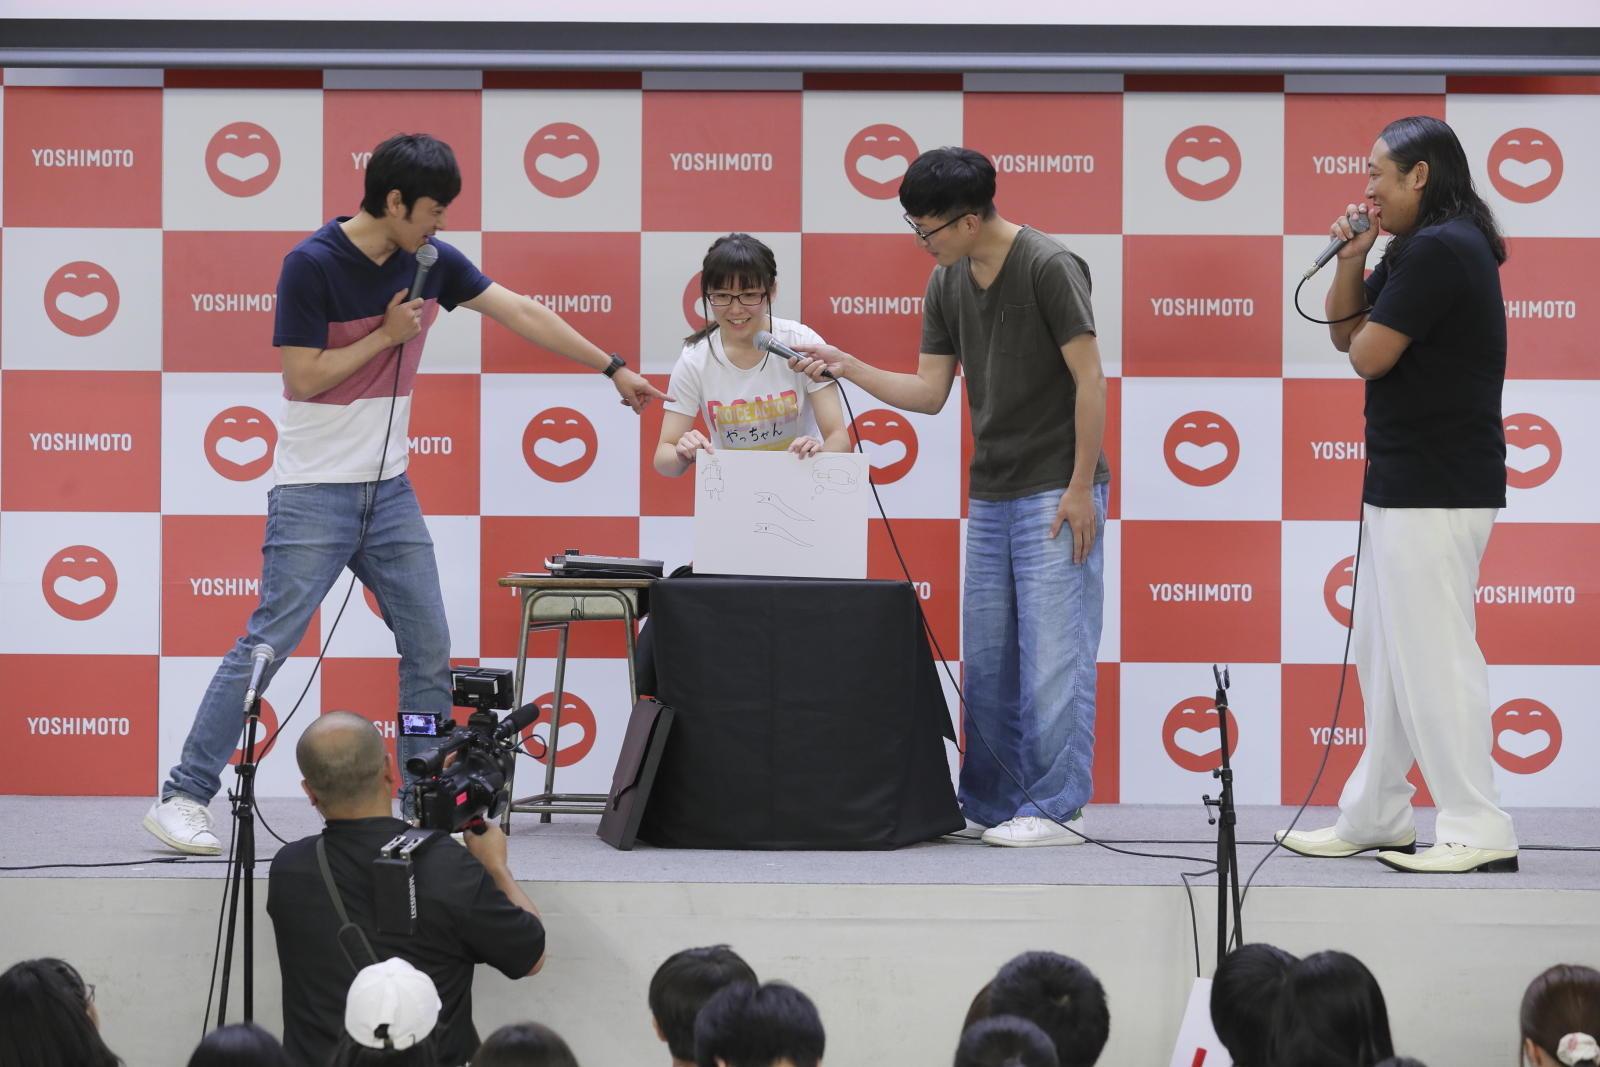 http://news.yoshimoto.co.jp/20170730173947-b8b86c6cf7671eaf4397cc22e54bbe0495eacc06.jpg